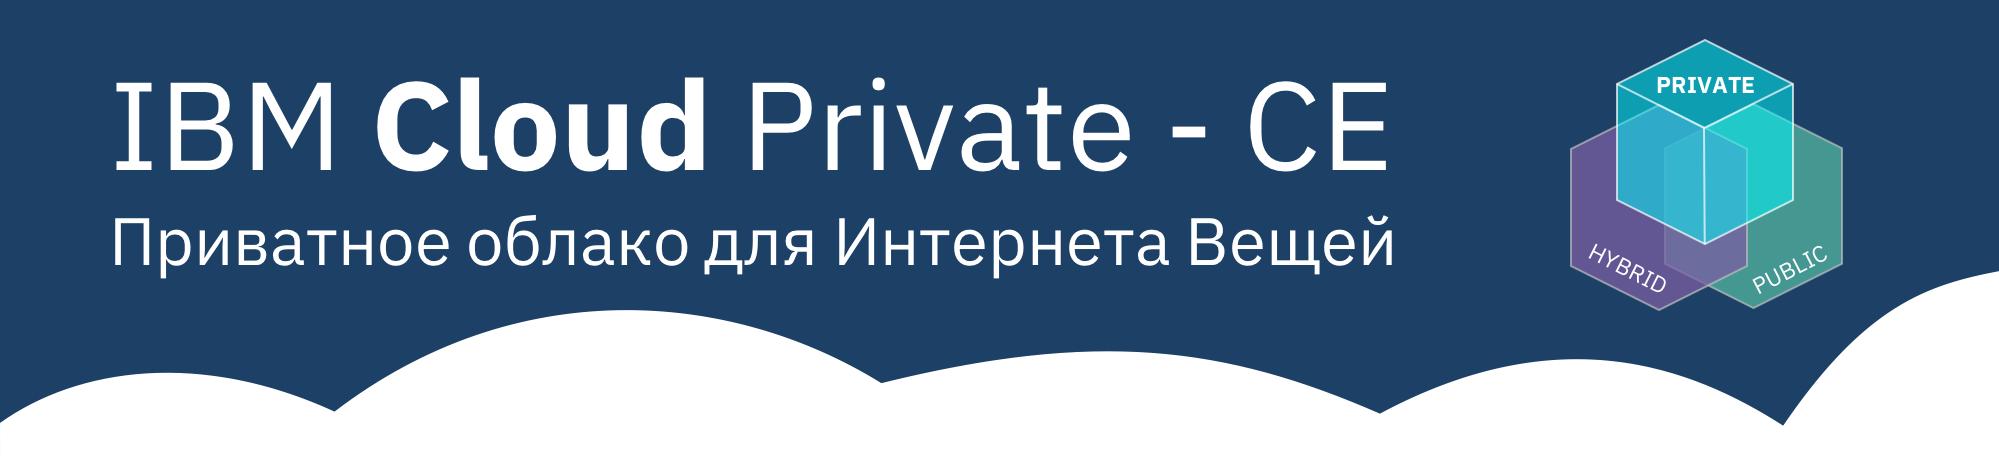 Приватное облако для Интернета Вещей - 1